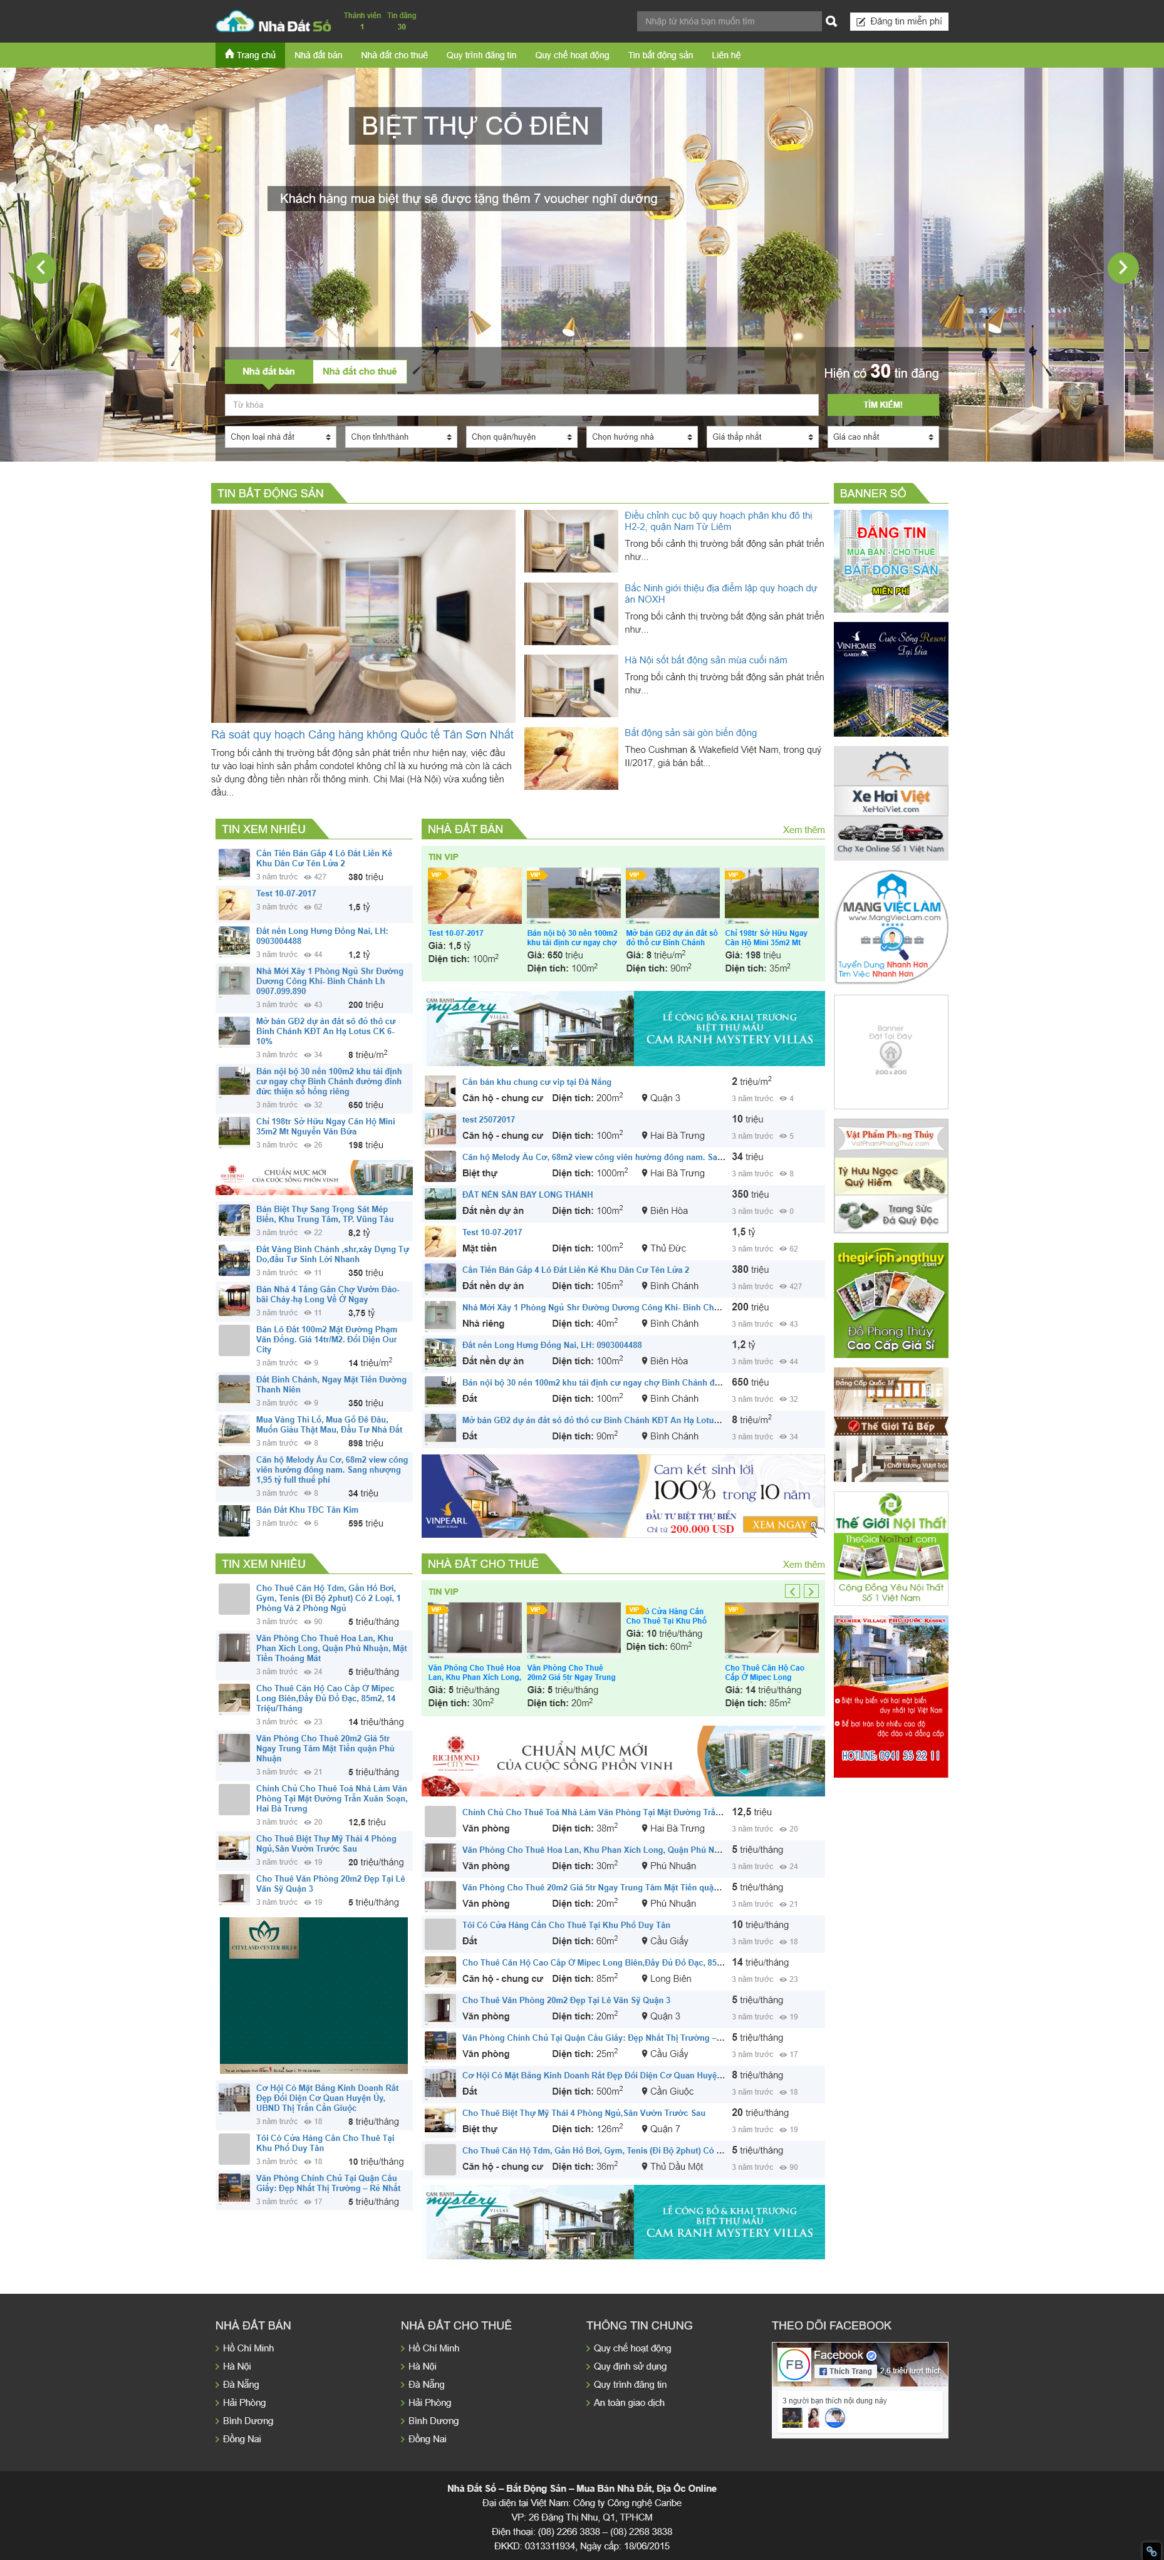 Mẫu thiết kế website đăng tin bất động sản